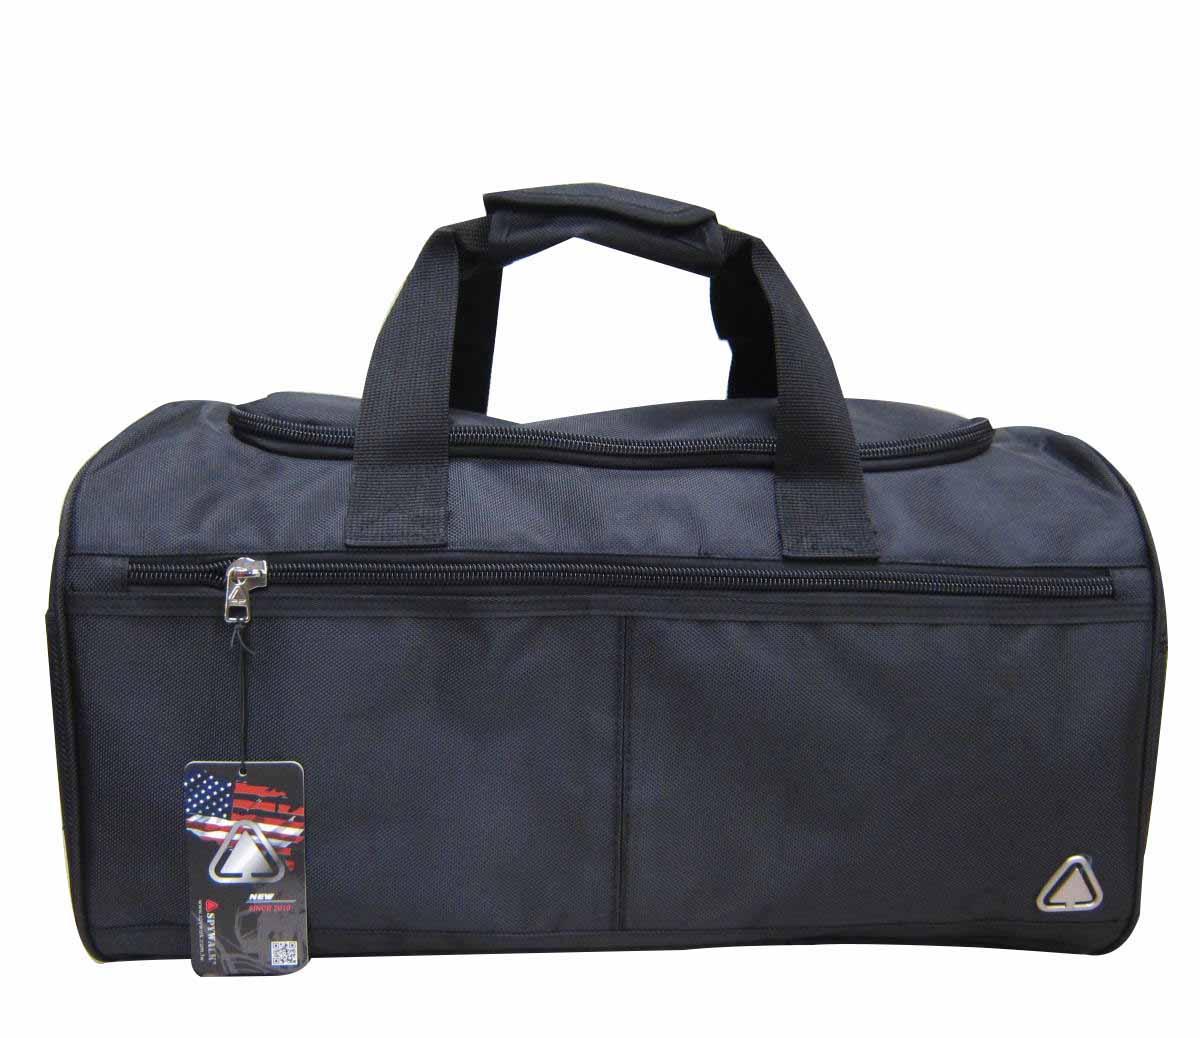 ^~雪黛屋^~SPYWALK旅行袋防水尼龍布U型大開口 可手提肩背斜側背外出旅行休閒大容量